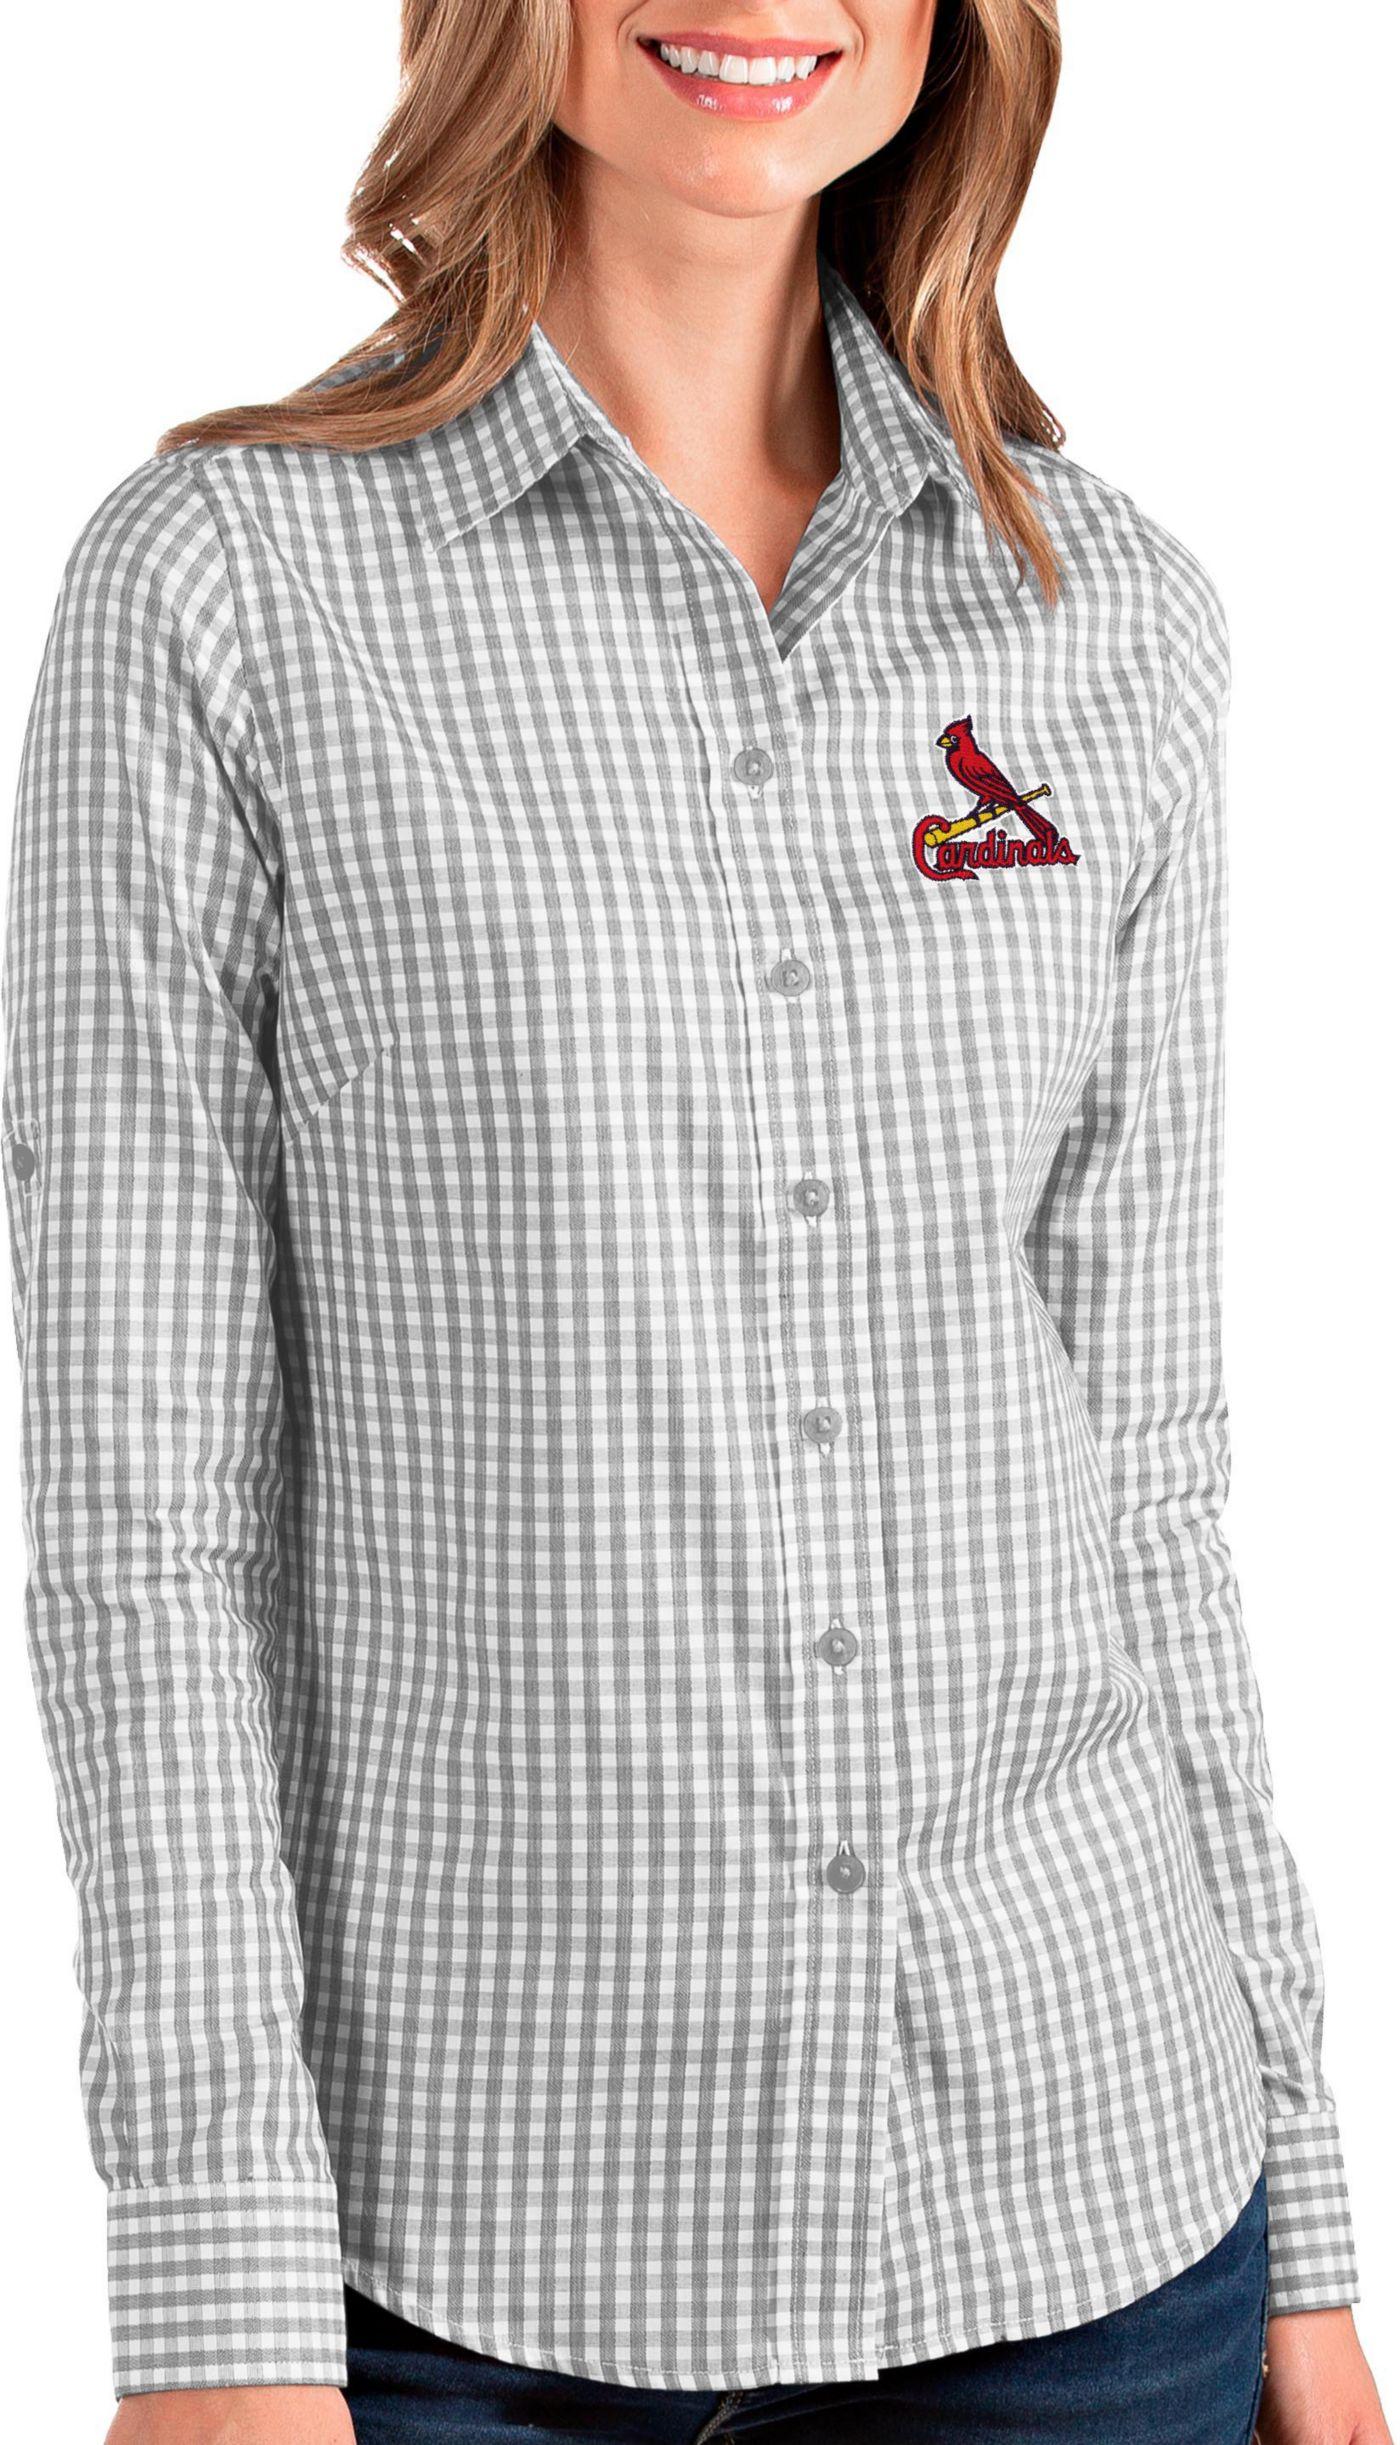 Antigua Women's St Louis Cardinals Structure Button-Up Grey Long Sleeve Shirt